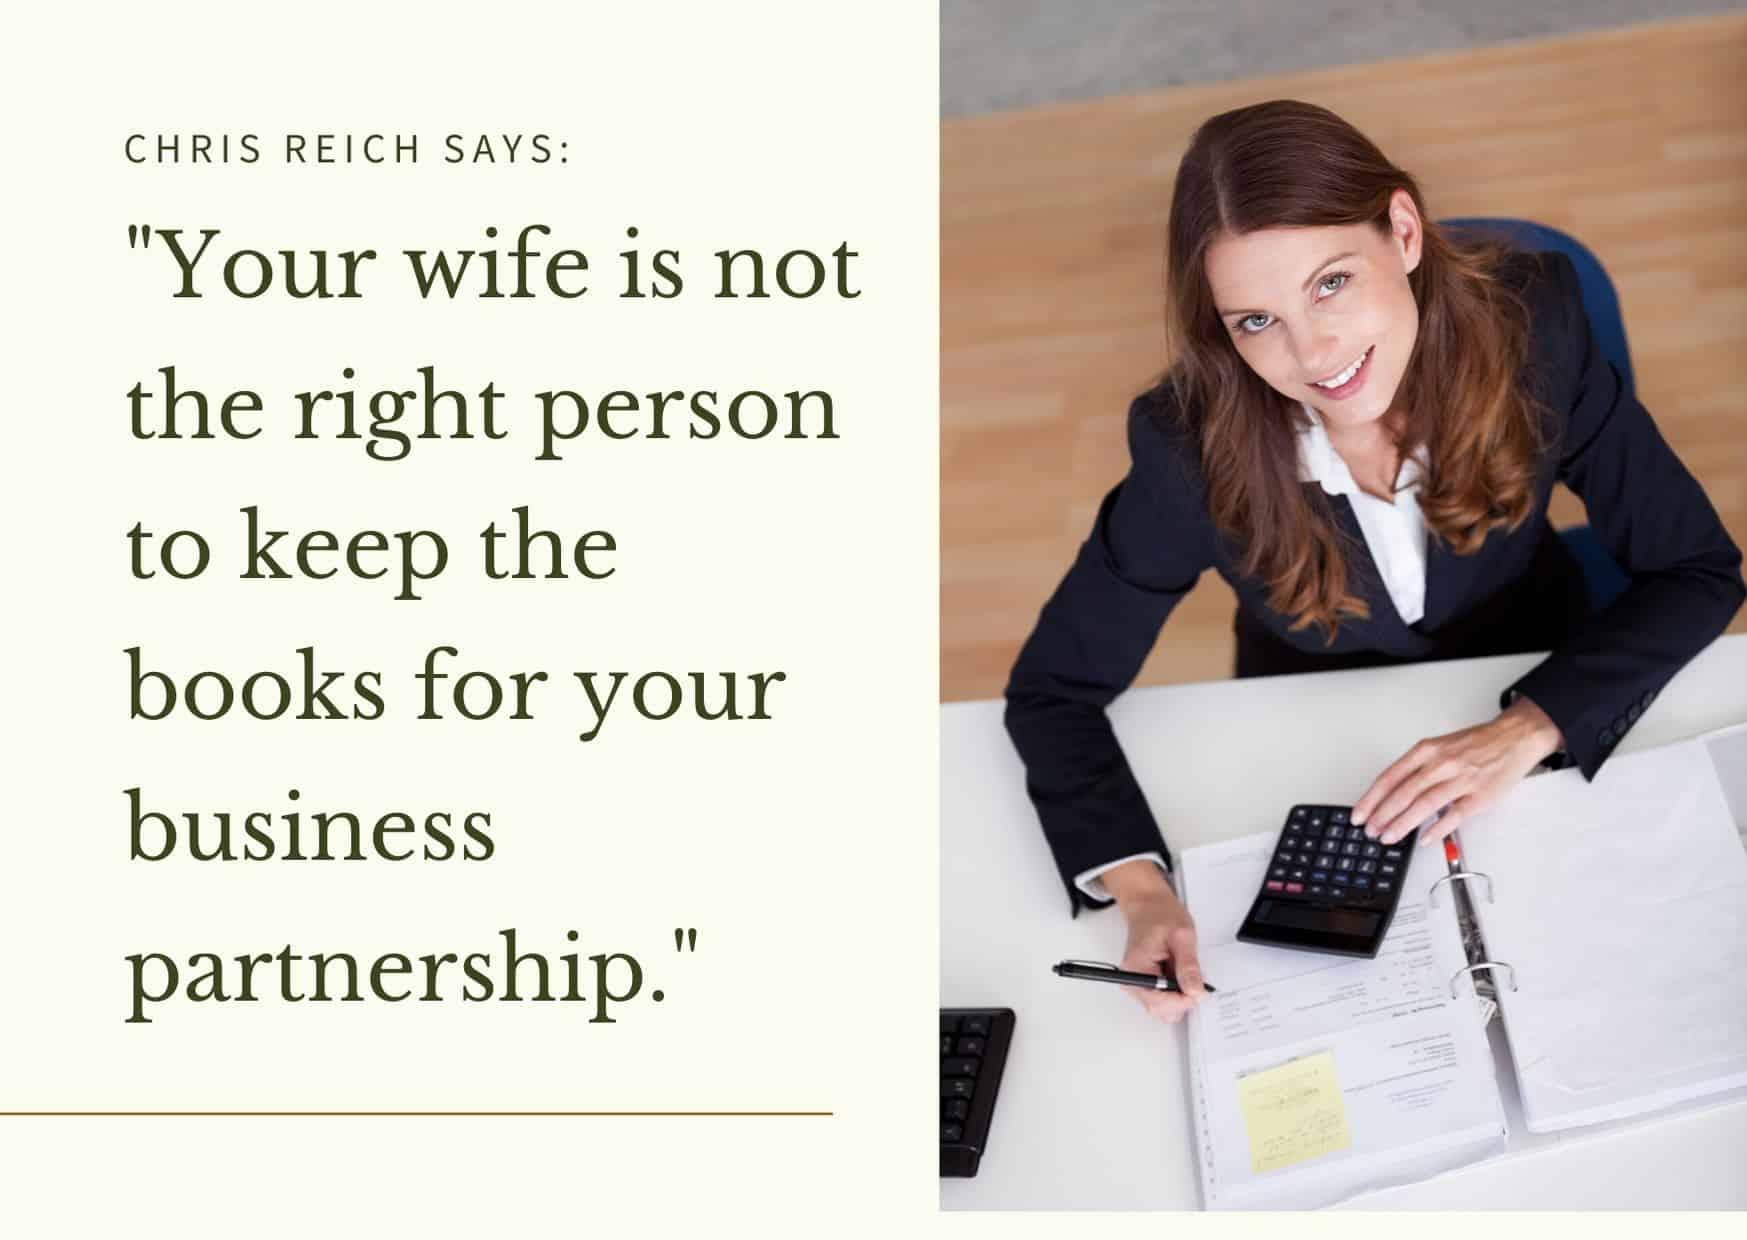 Wife Should Not Keep Books TeachU